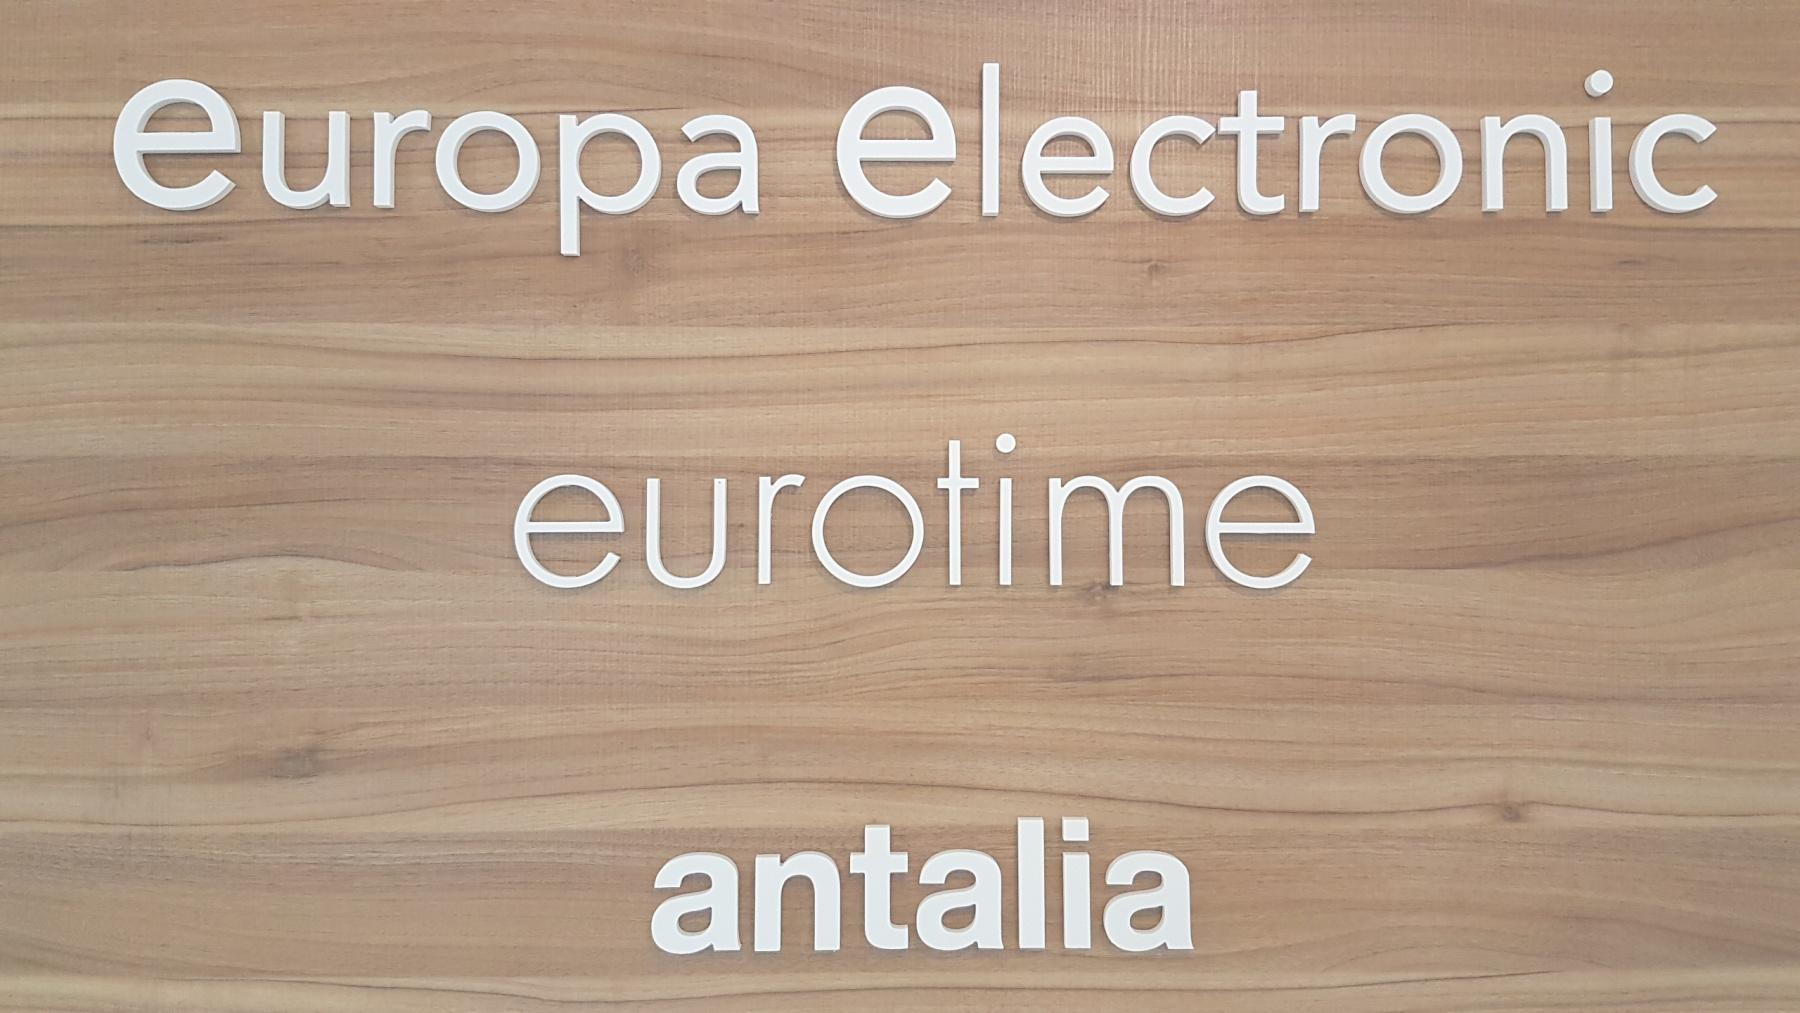 Exposicion europa electronic